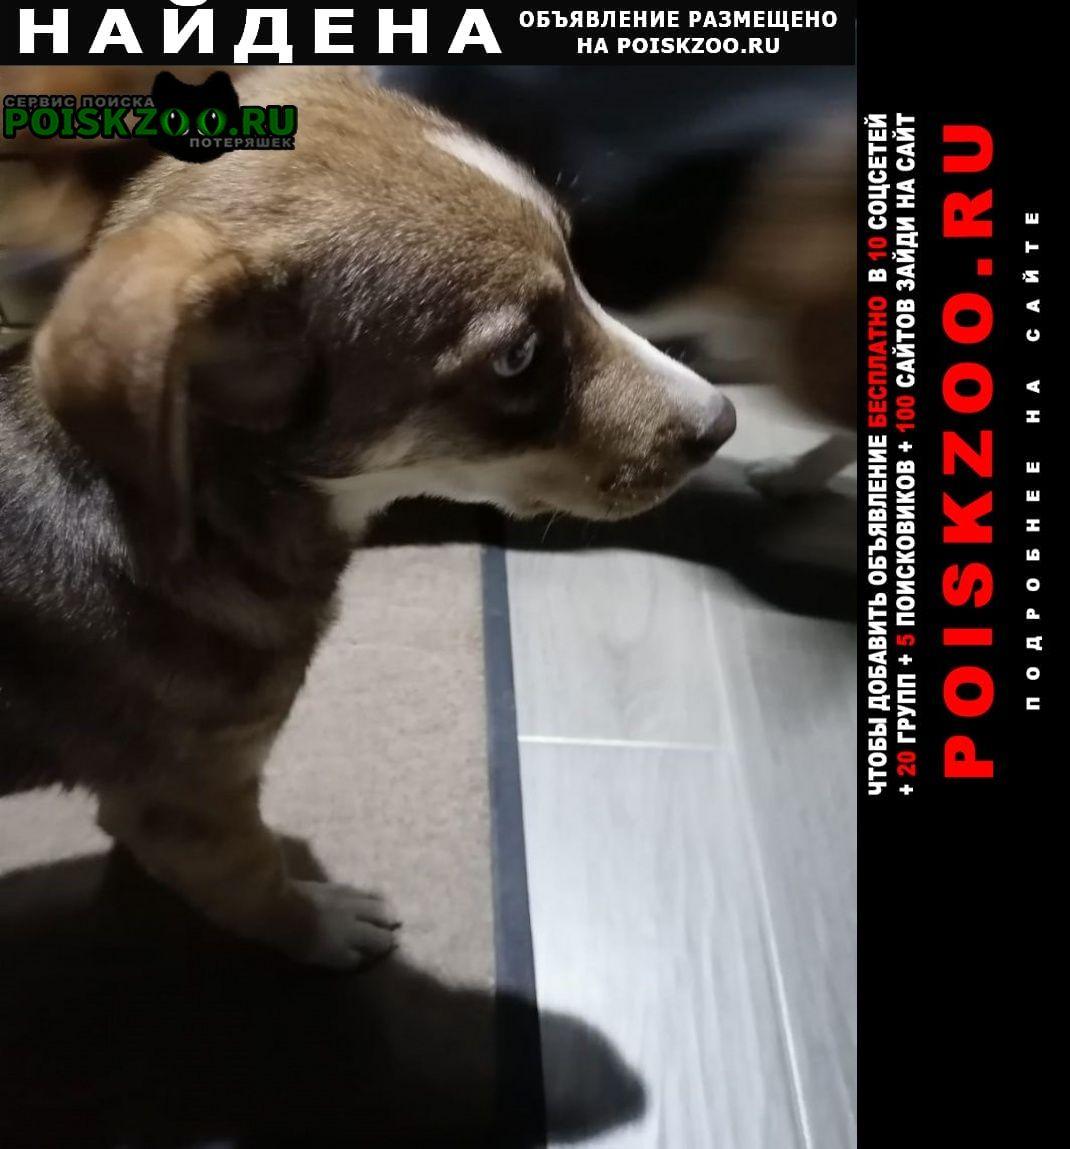 Найдена собака может кто-то ищет  г.Анапа